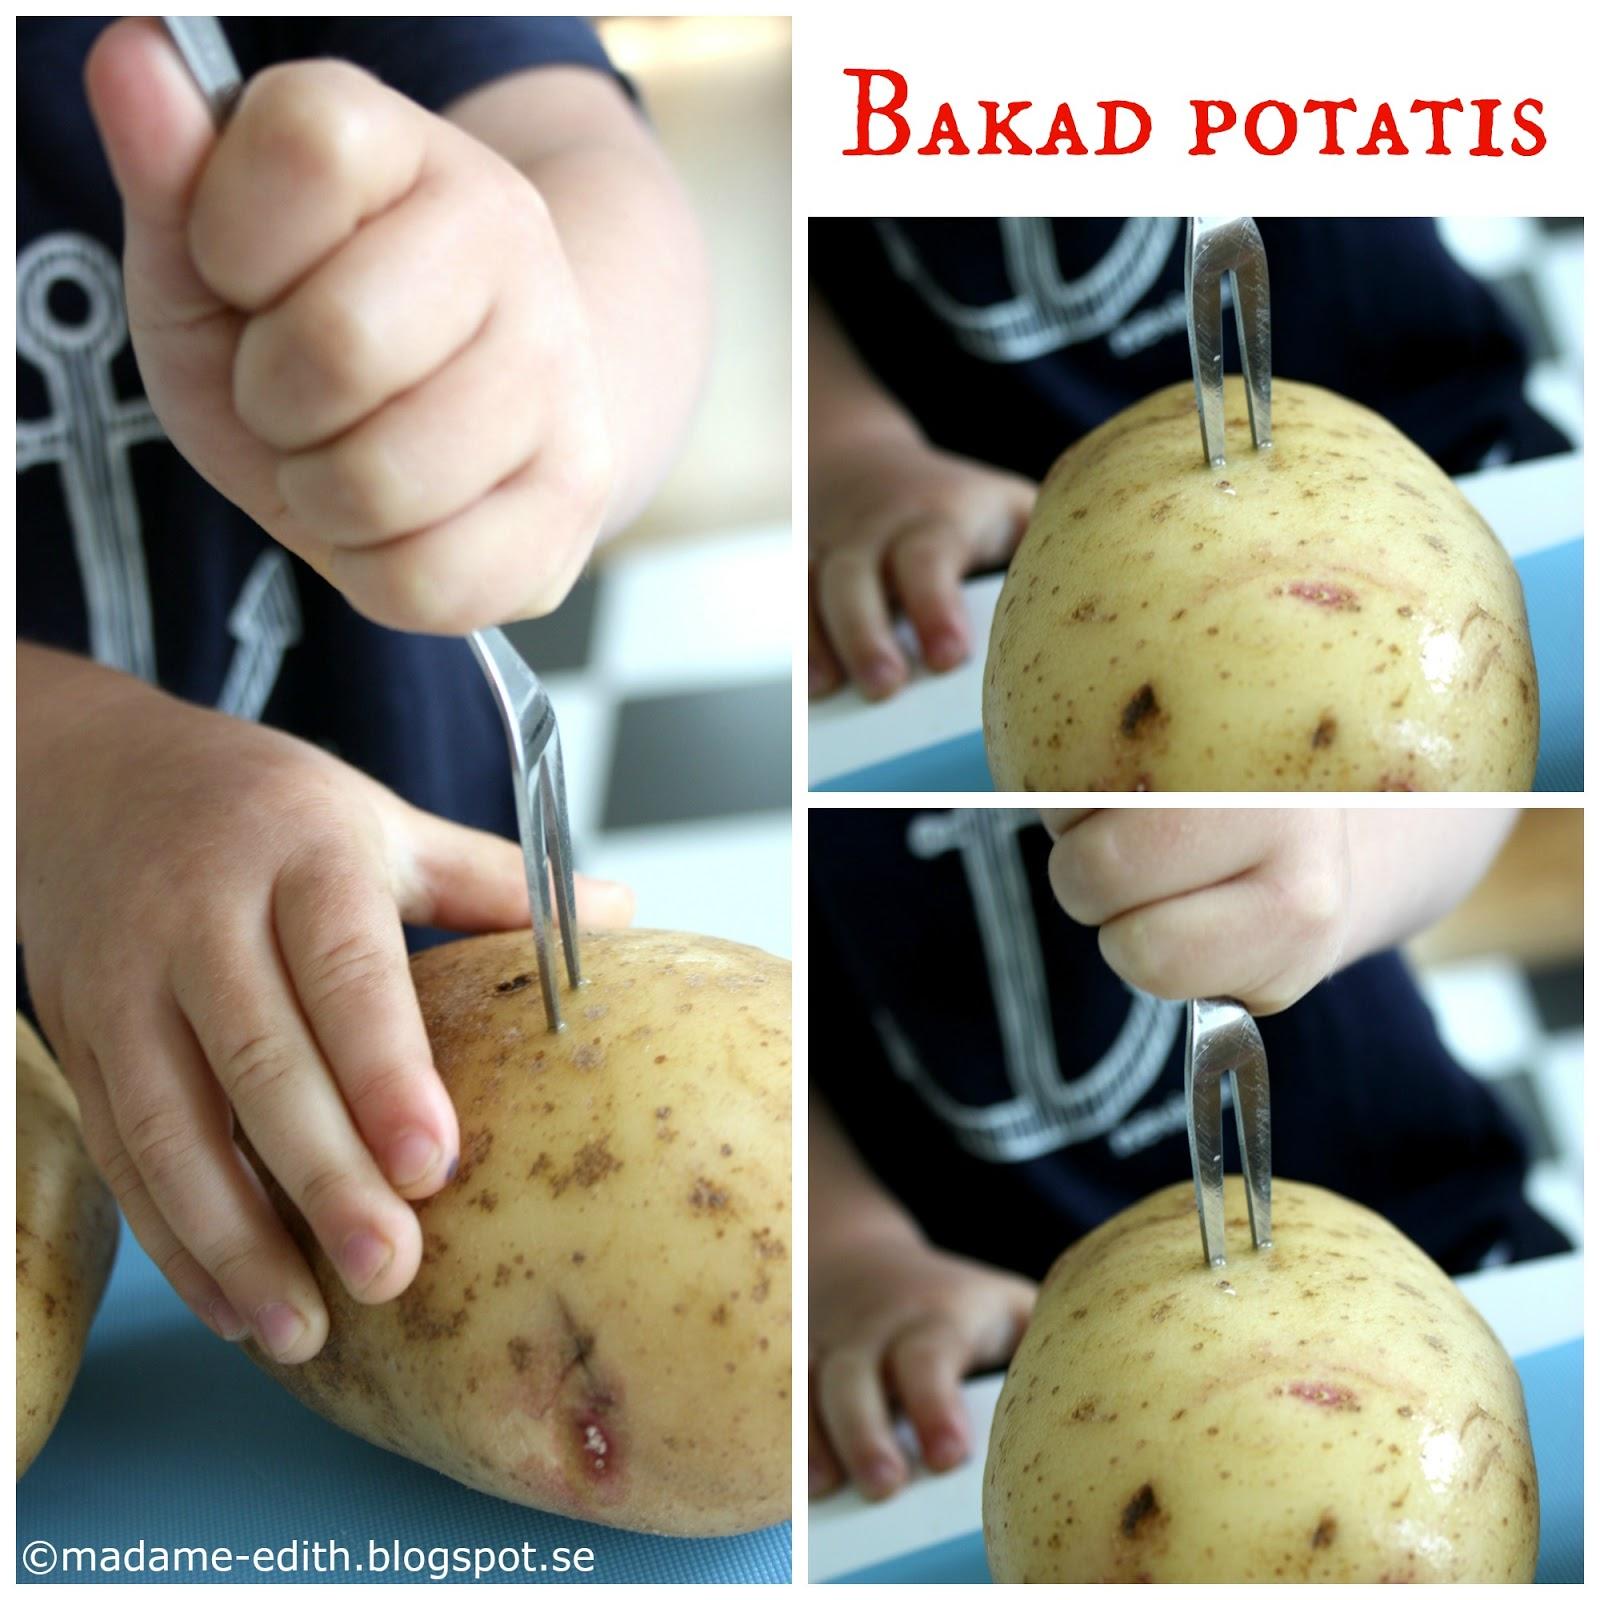 hur gör man bakpotatis